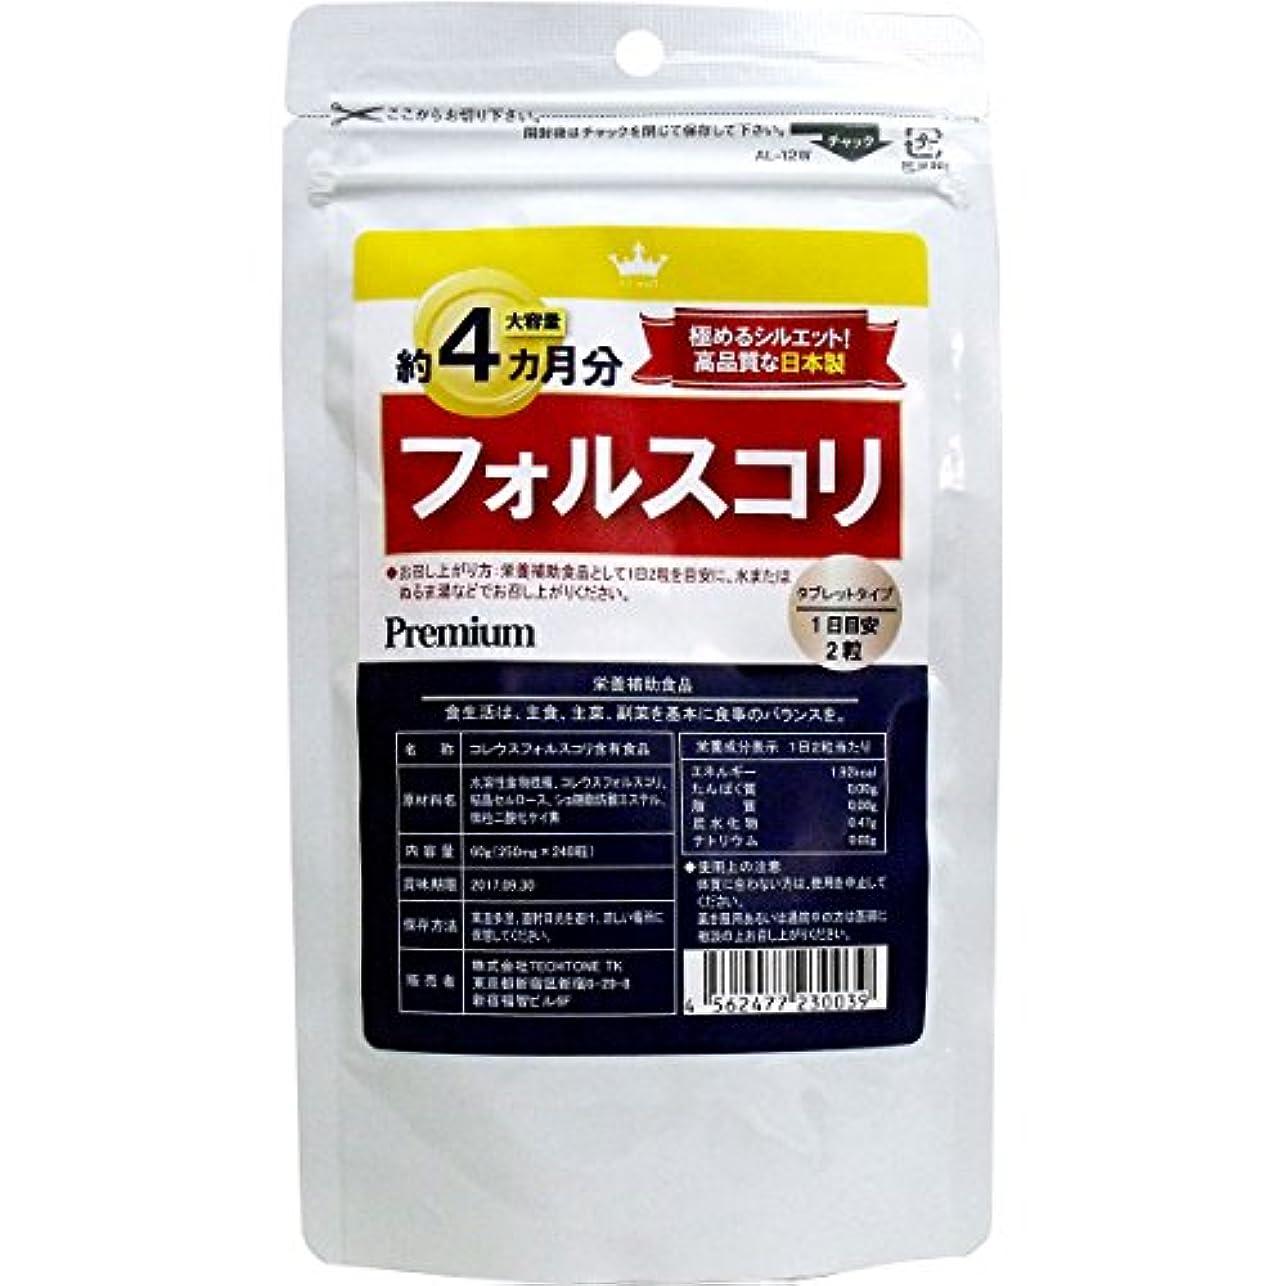 壊れたそばに転用サプリメント 高品質な日本製 健康食品 フォルスコリ 約4カ月分 240粒入【2個セット】